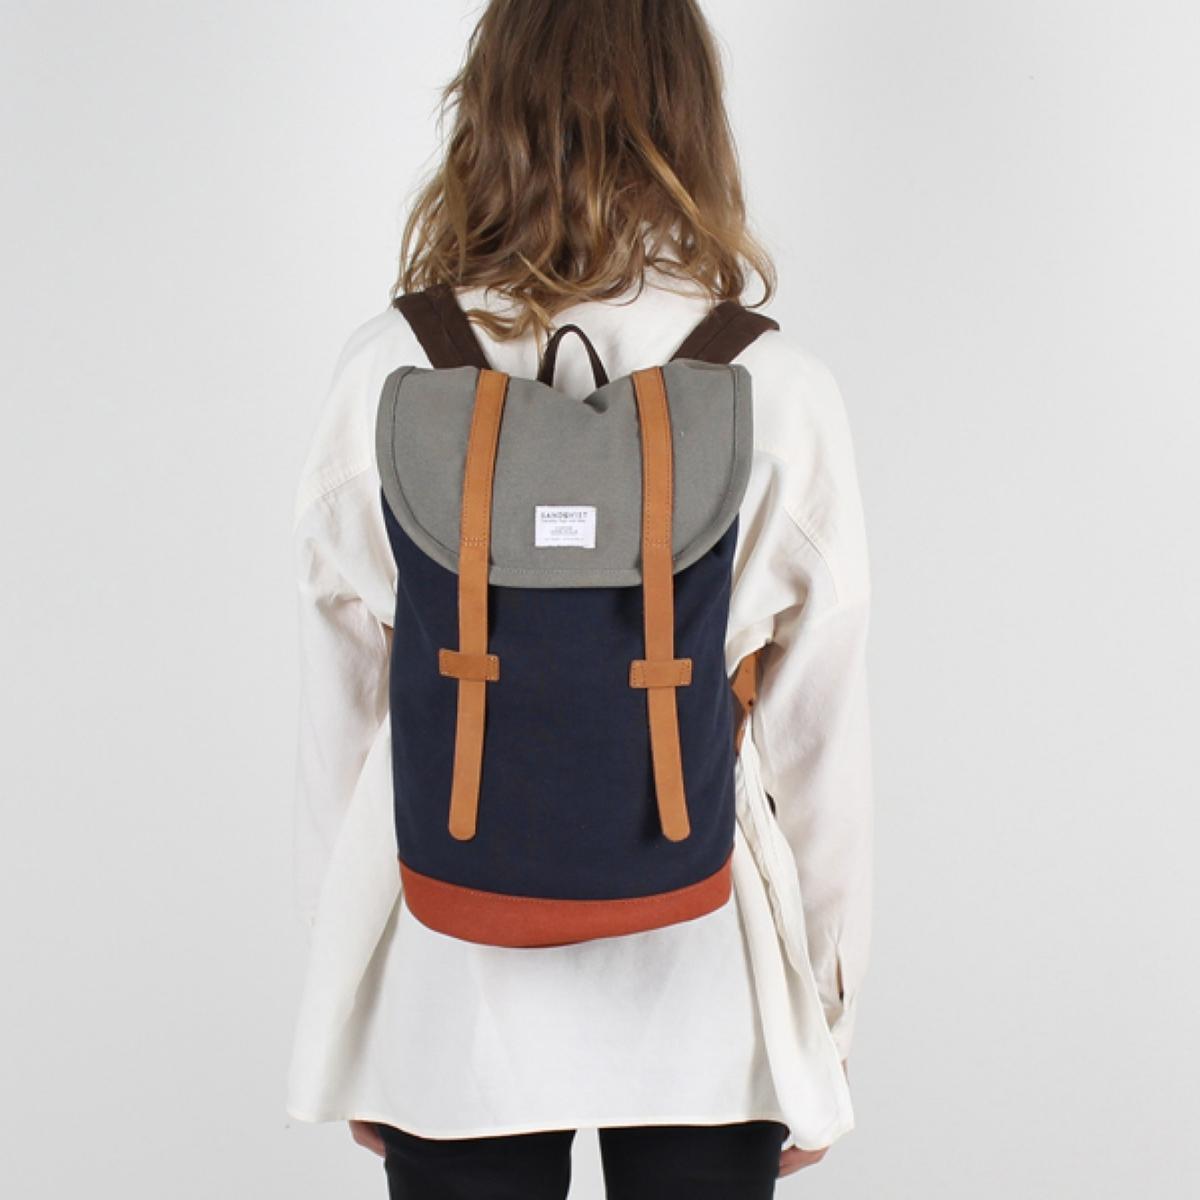 Рюкзак специально для ноутбука 13 дюймов, STIGОписание:Рюкзак из хлопковой ткани канва SANDQVIST - модель STIG с внутренним карманом для ноутбука, формат 13 дюймов. Рюкзак с маленькой ручкой, чтобы носить в руках, и 2 регулируемыми лямками, чтобы носить через плечо.Детали •  Кожаные ремешки на клапане •  Внутренний карман для ноутбука 13 дюймов •  Объем 14 л •  Размеры : 24 x 38 x 18 смСостав и уход •  100% хлопковая ткань канва •  Ручки 100% кожа  •  Подкладка 100% полиэстер •  Следуйте рекомендациям по уходу, указанной на этикетке изделия.<br><br>Цвет: синий морской